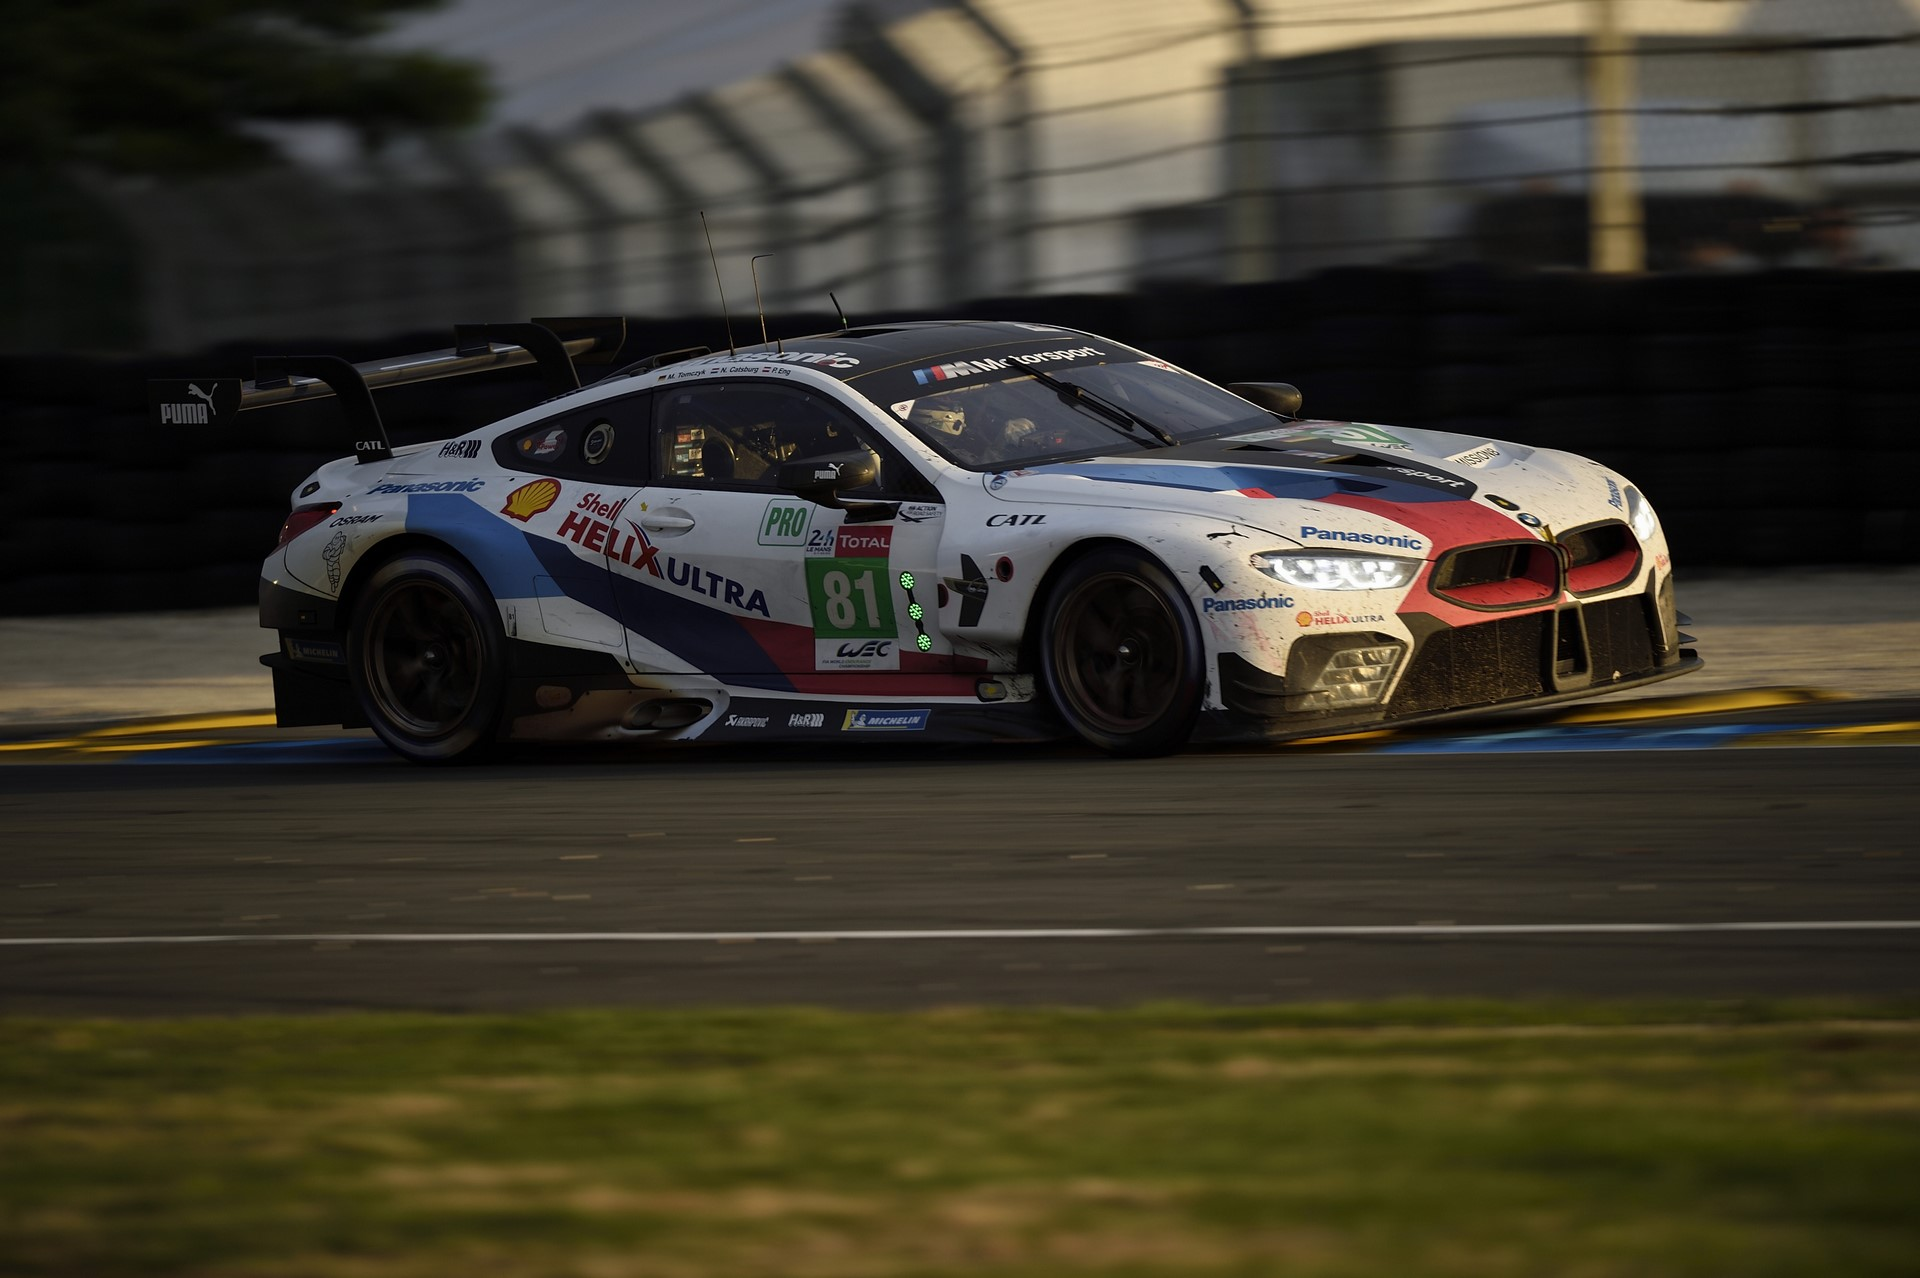 Le-Mans-2018-73